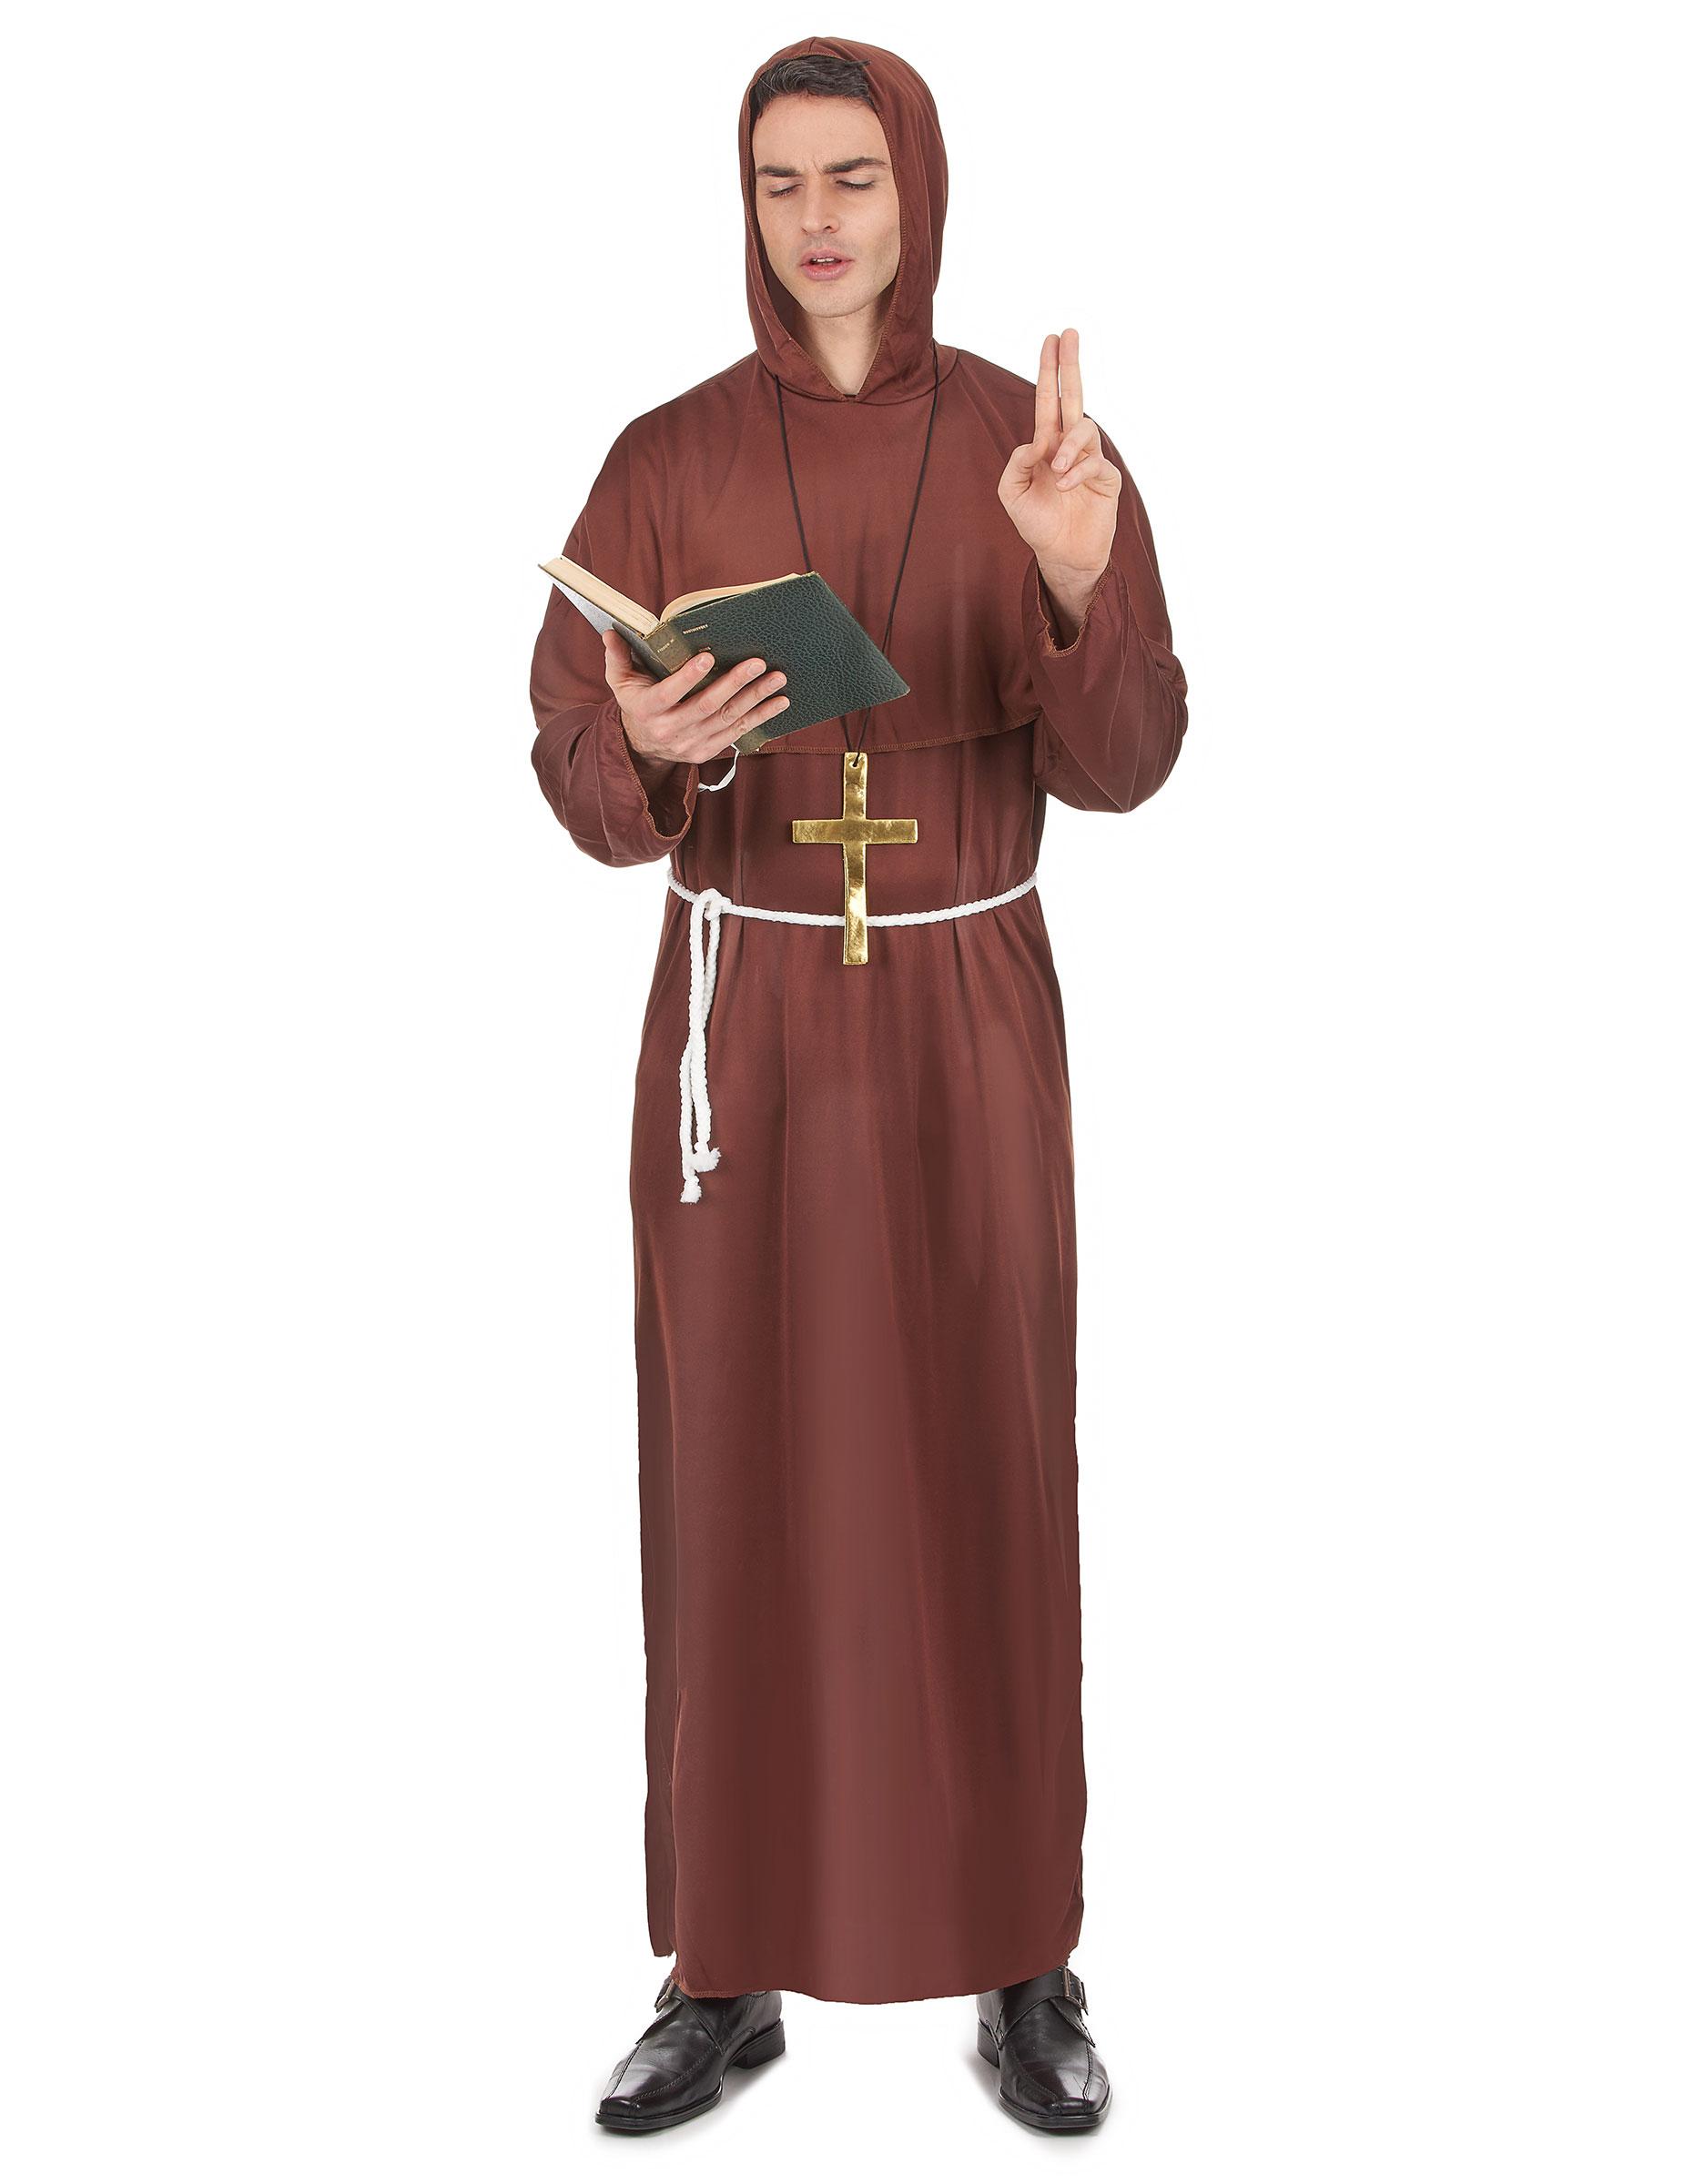 Mönchs-Kostüm für Herren 37604